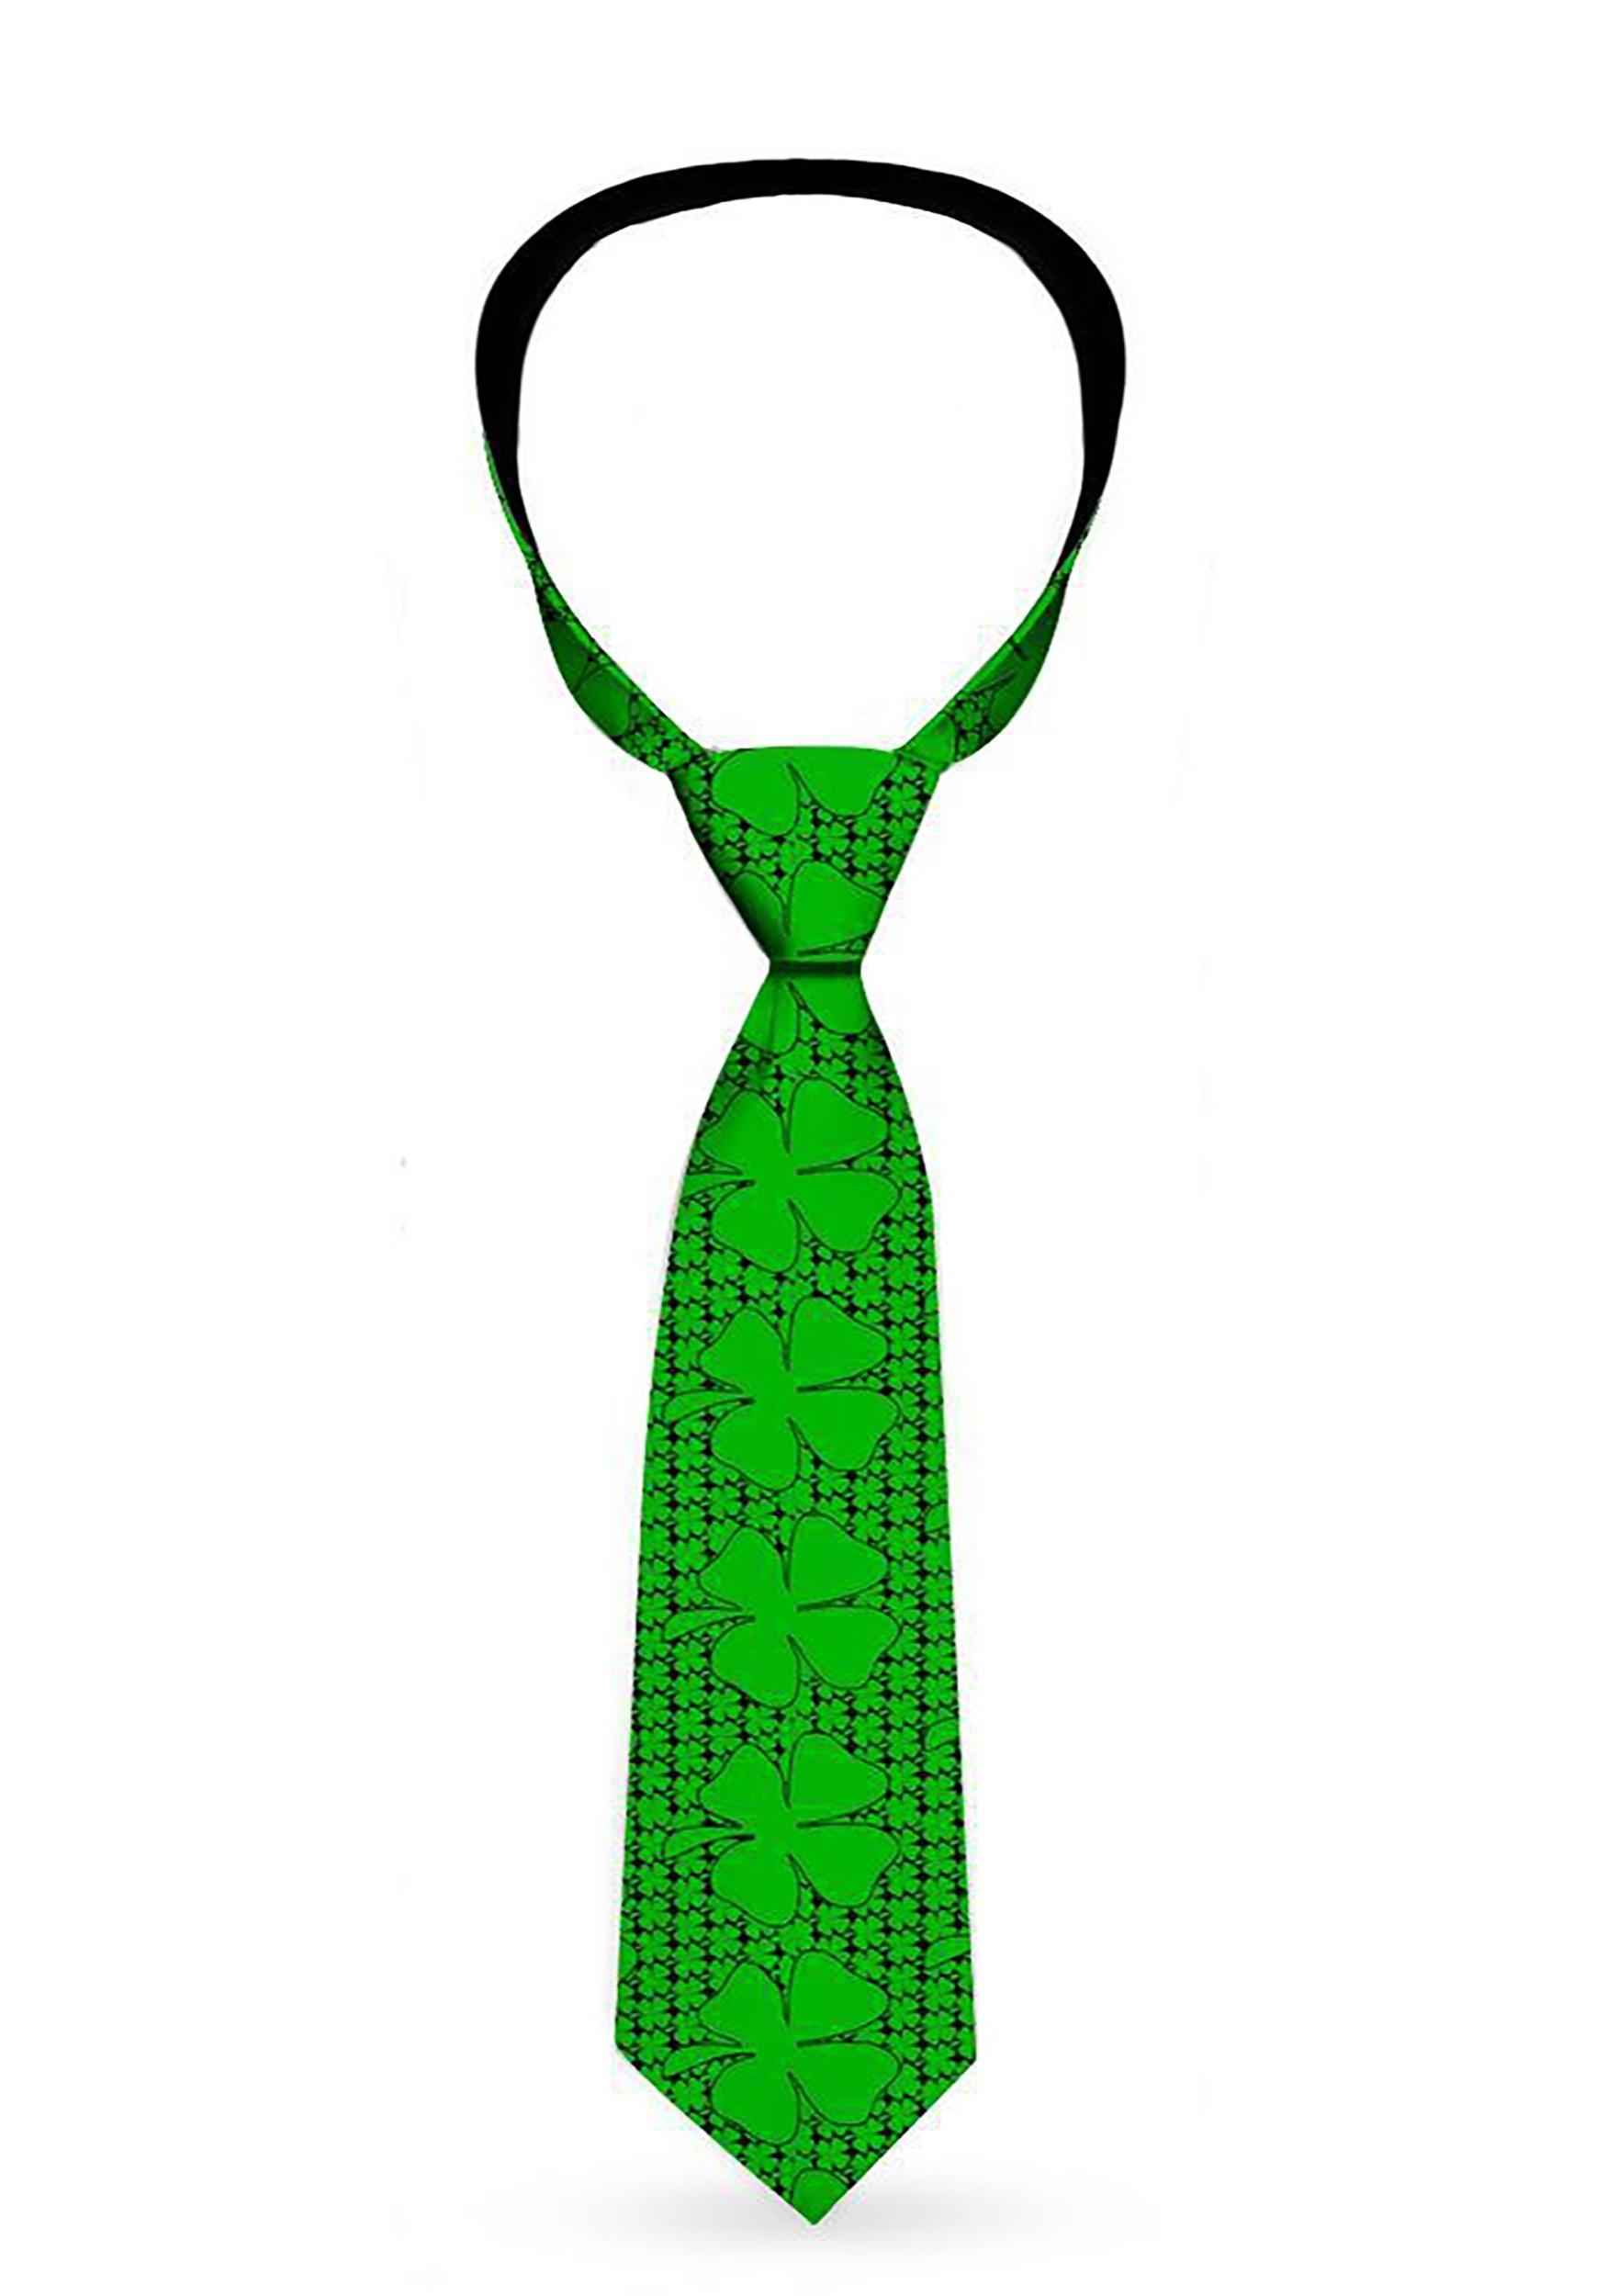 Saint_Patricks_Day_Clovers_Green_Necktie